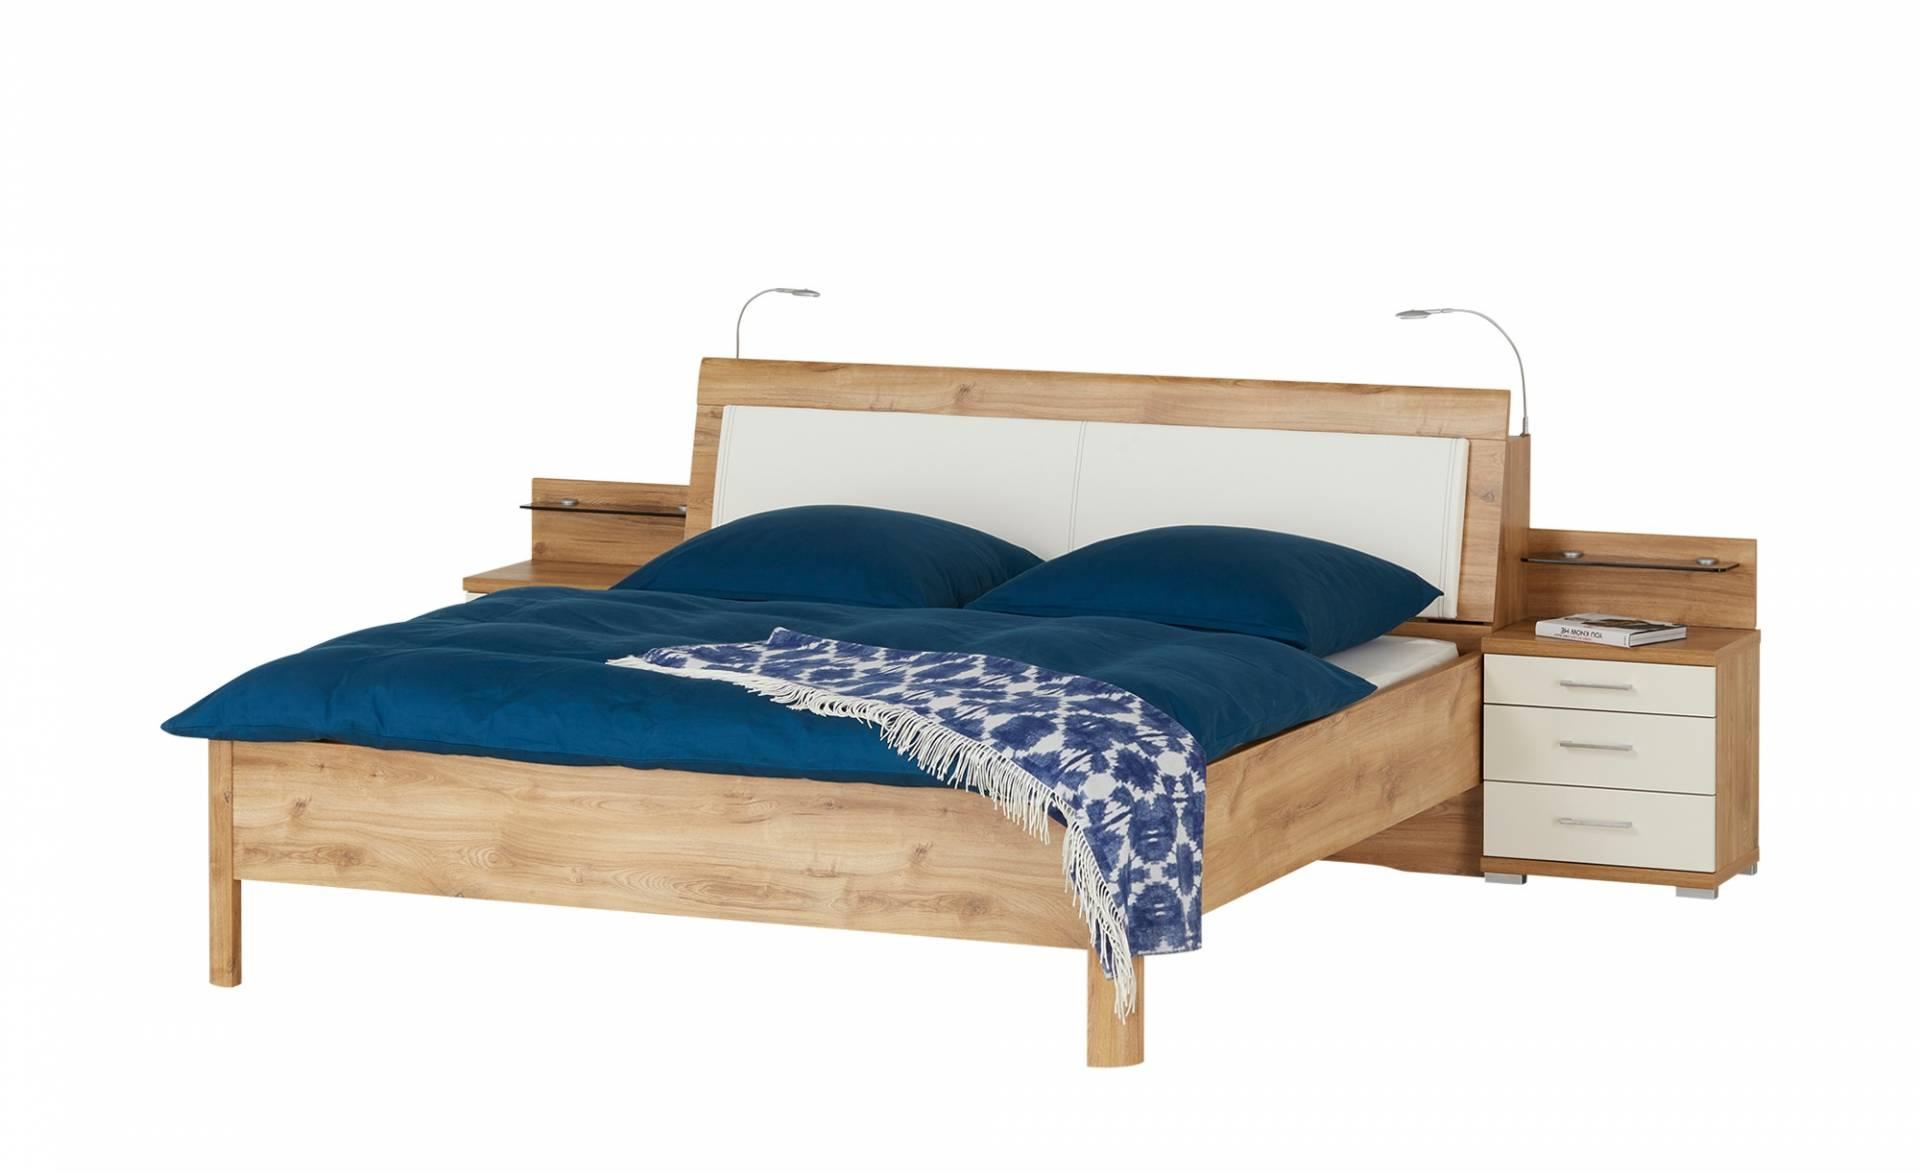 Betten und weitere Möbel für Schlafzimmer bei Möbel Höffner. Online kaufen bei Möbel & Garten.